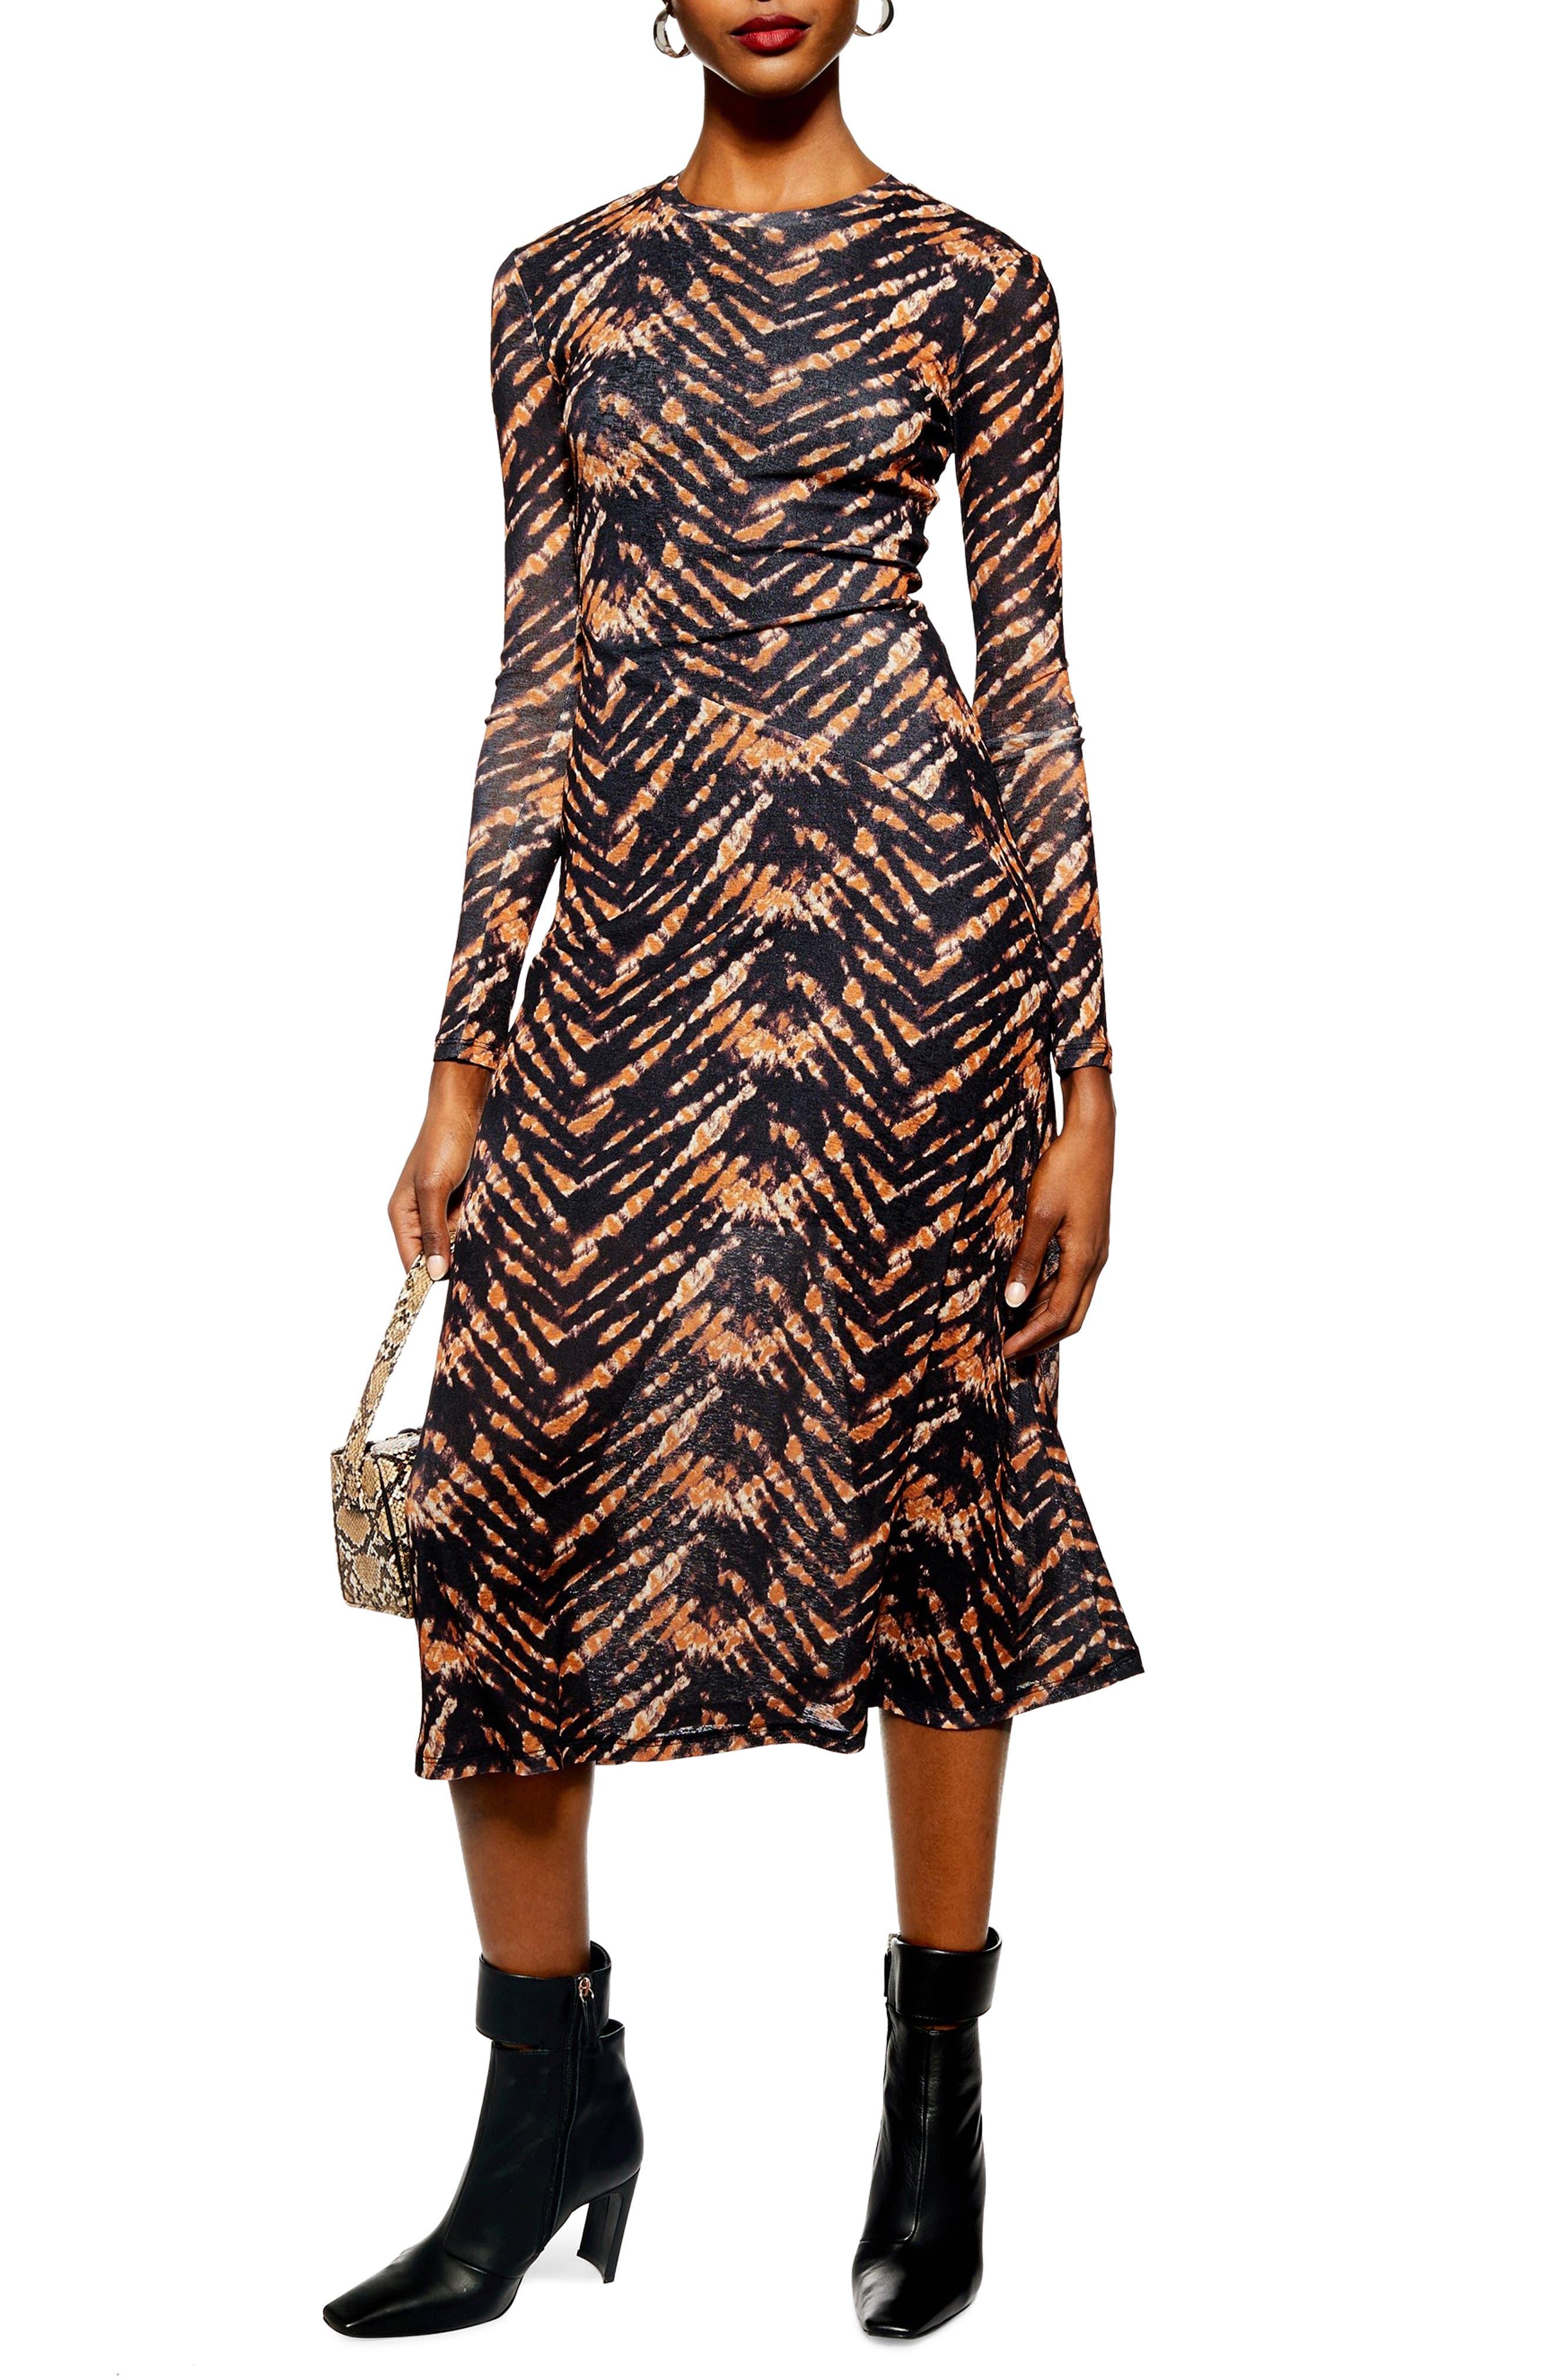 TOPSHOP,                             Tie Dye Mesh Midi Dress,                             Main thumbnail 1, color,                             BLACK MULTI